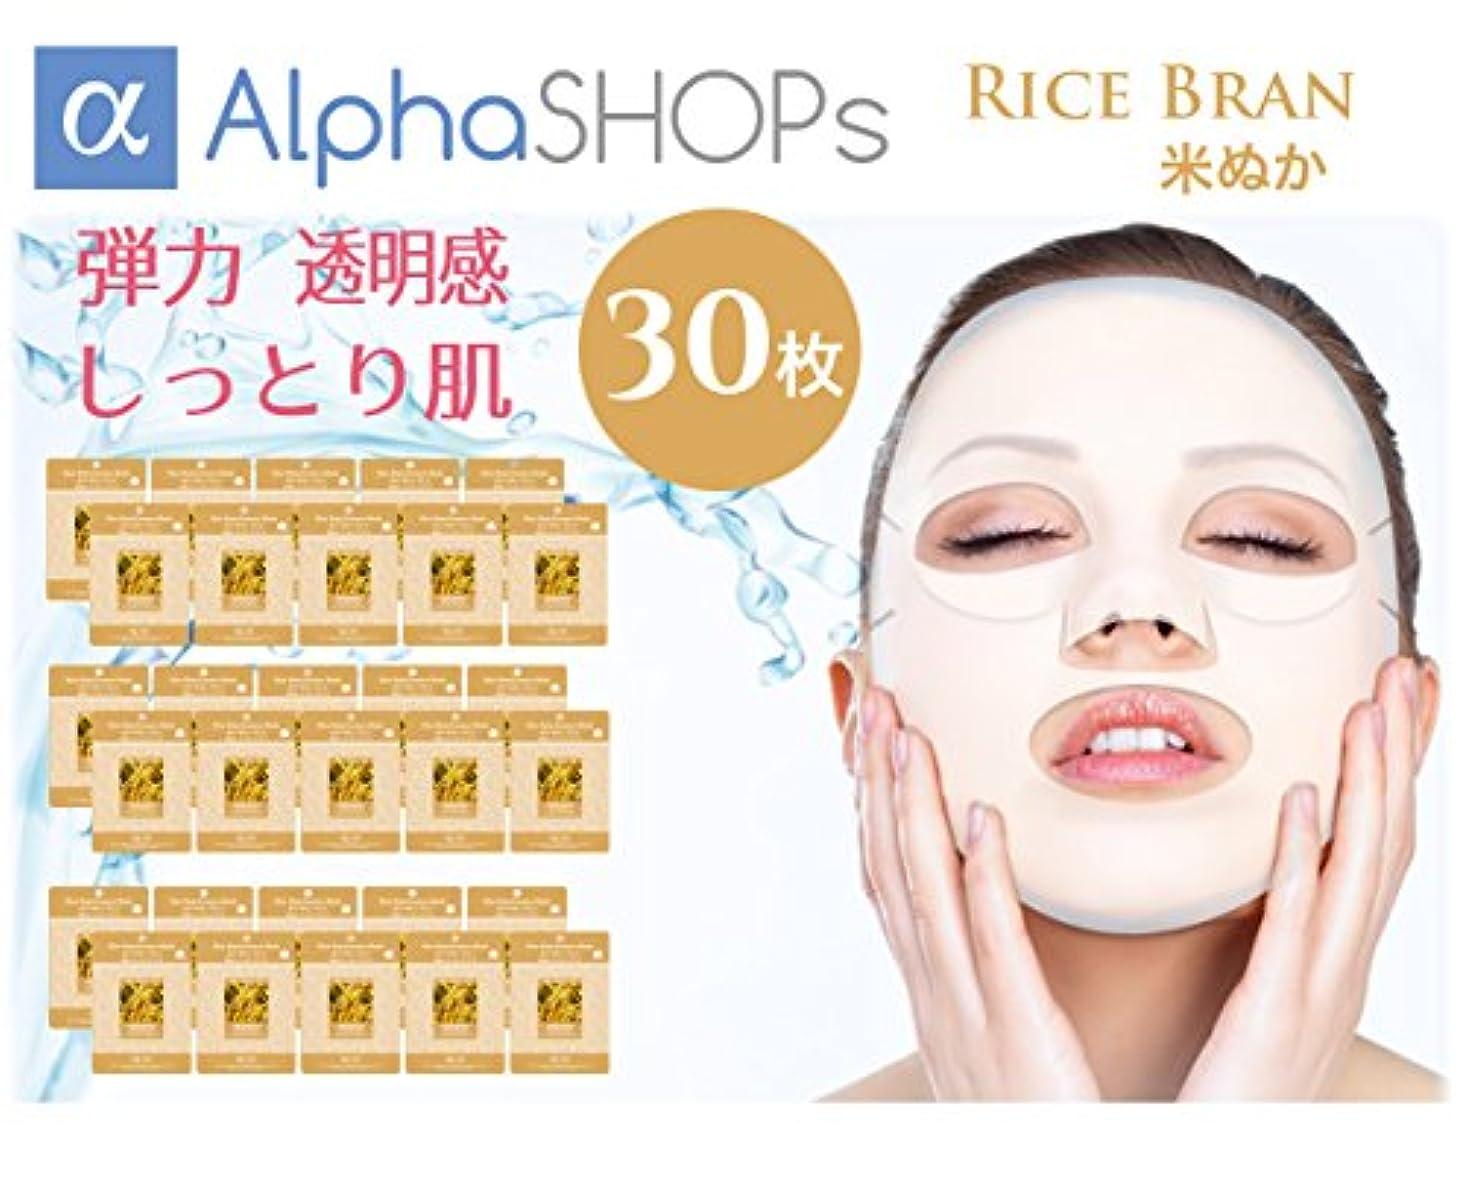 巻き取りまばたき柔らかさフェイスパック フェイスマスクパック 米ぬか ランキング 上位 韓国コスメ 30枚セット